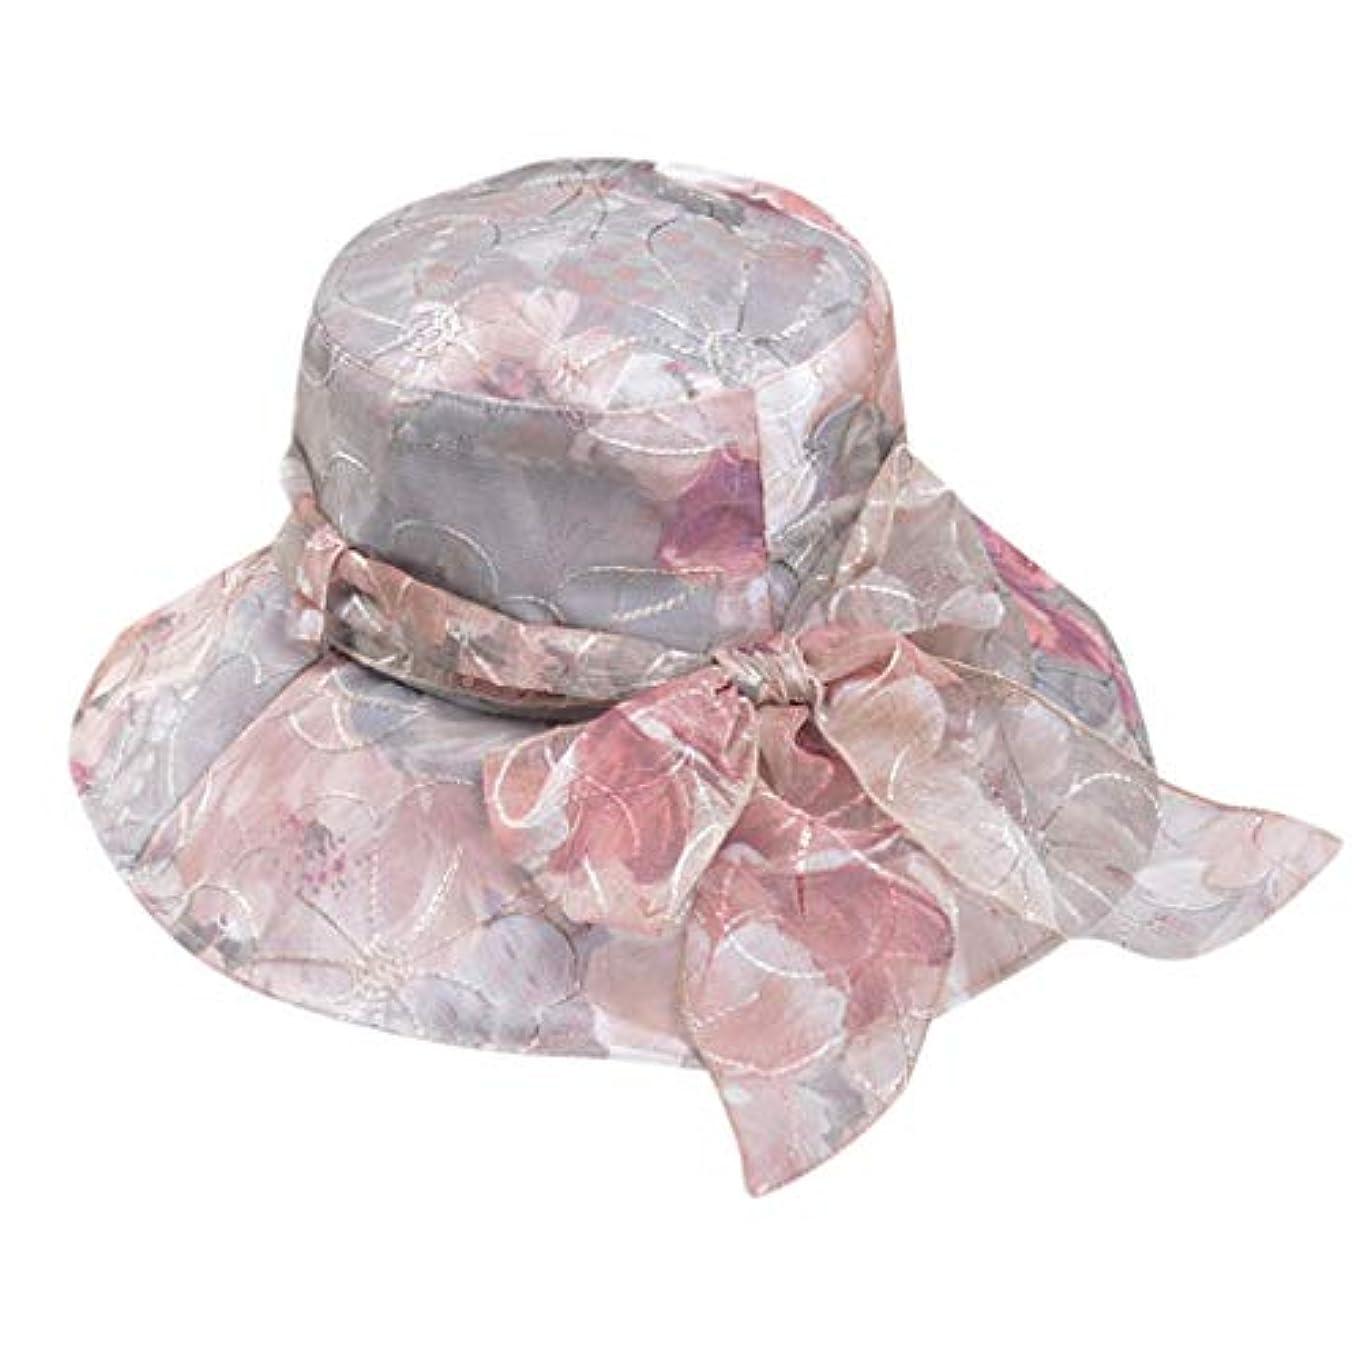 愛撫電気の責めるアウトドア レディース UVカット 帽子 シフォン 花柄 刺繍 ビーチ 紫外線対策 日焼け防止 女優帽 つば広 プリンセス 夏 必須 おしゃれ ハット レディース 可愛い かわいい ファッション トレンド ROSE ROMAN